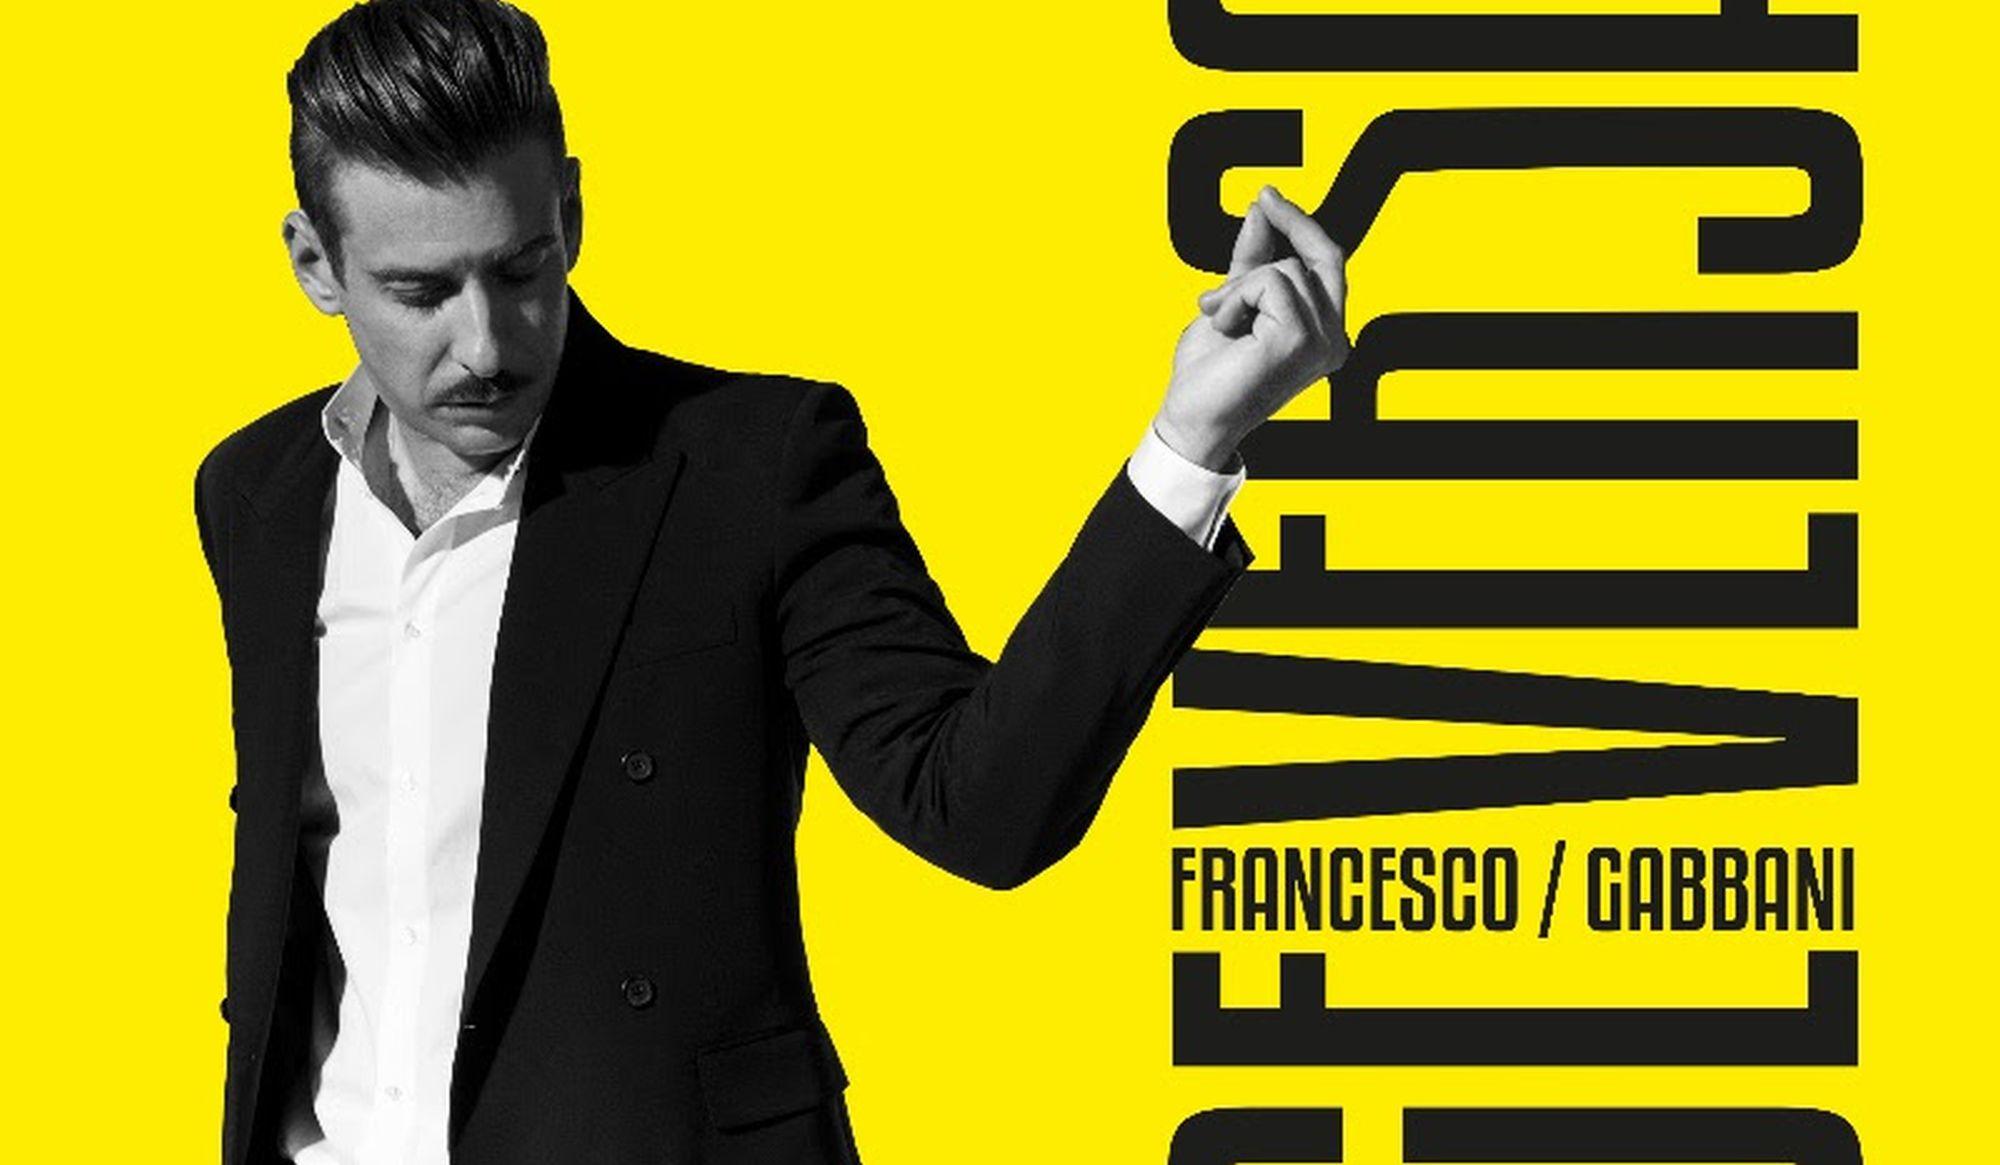 Il sudore ci appiccica di Francesco Gabbani: uscita, testo e significato